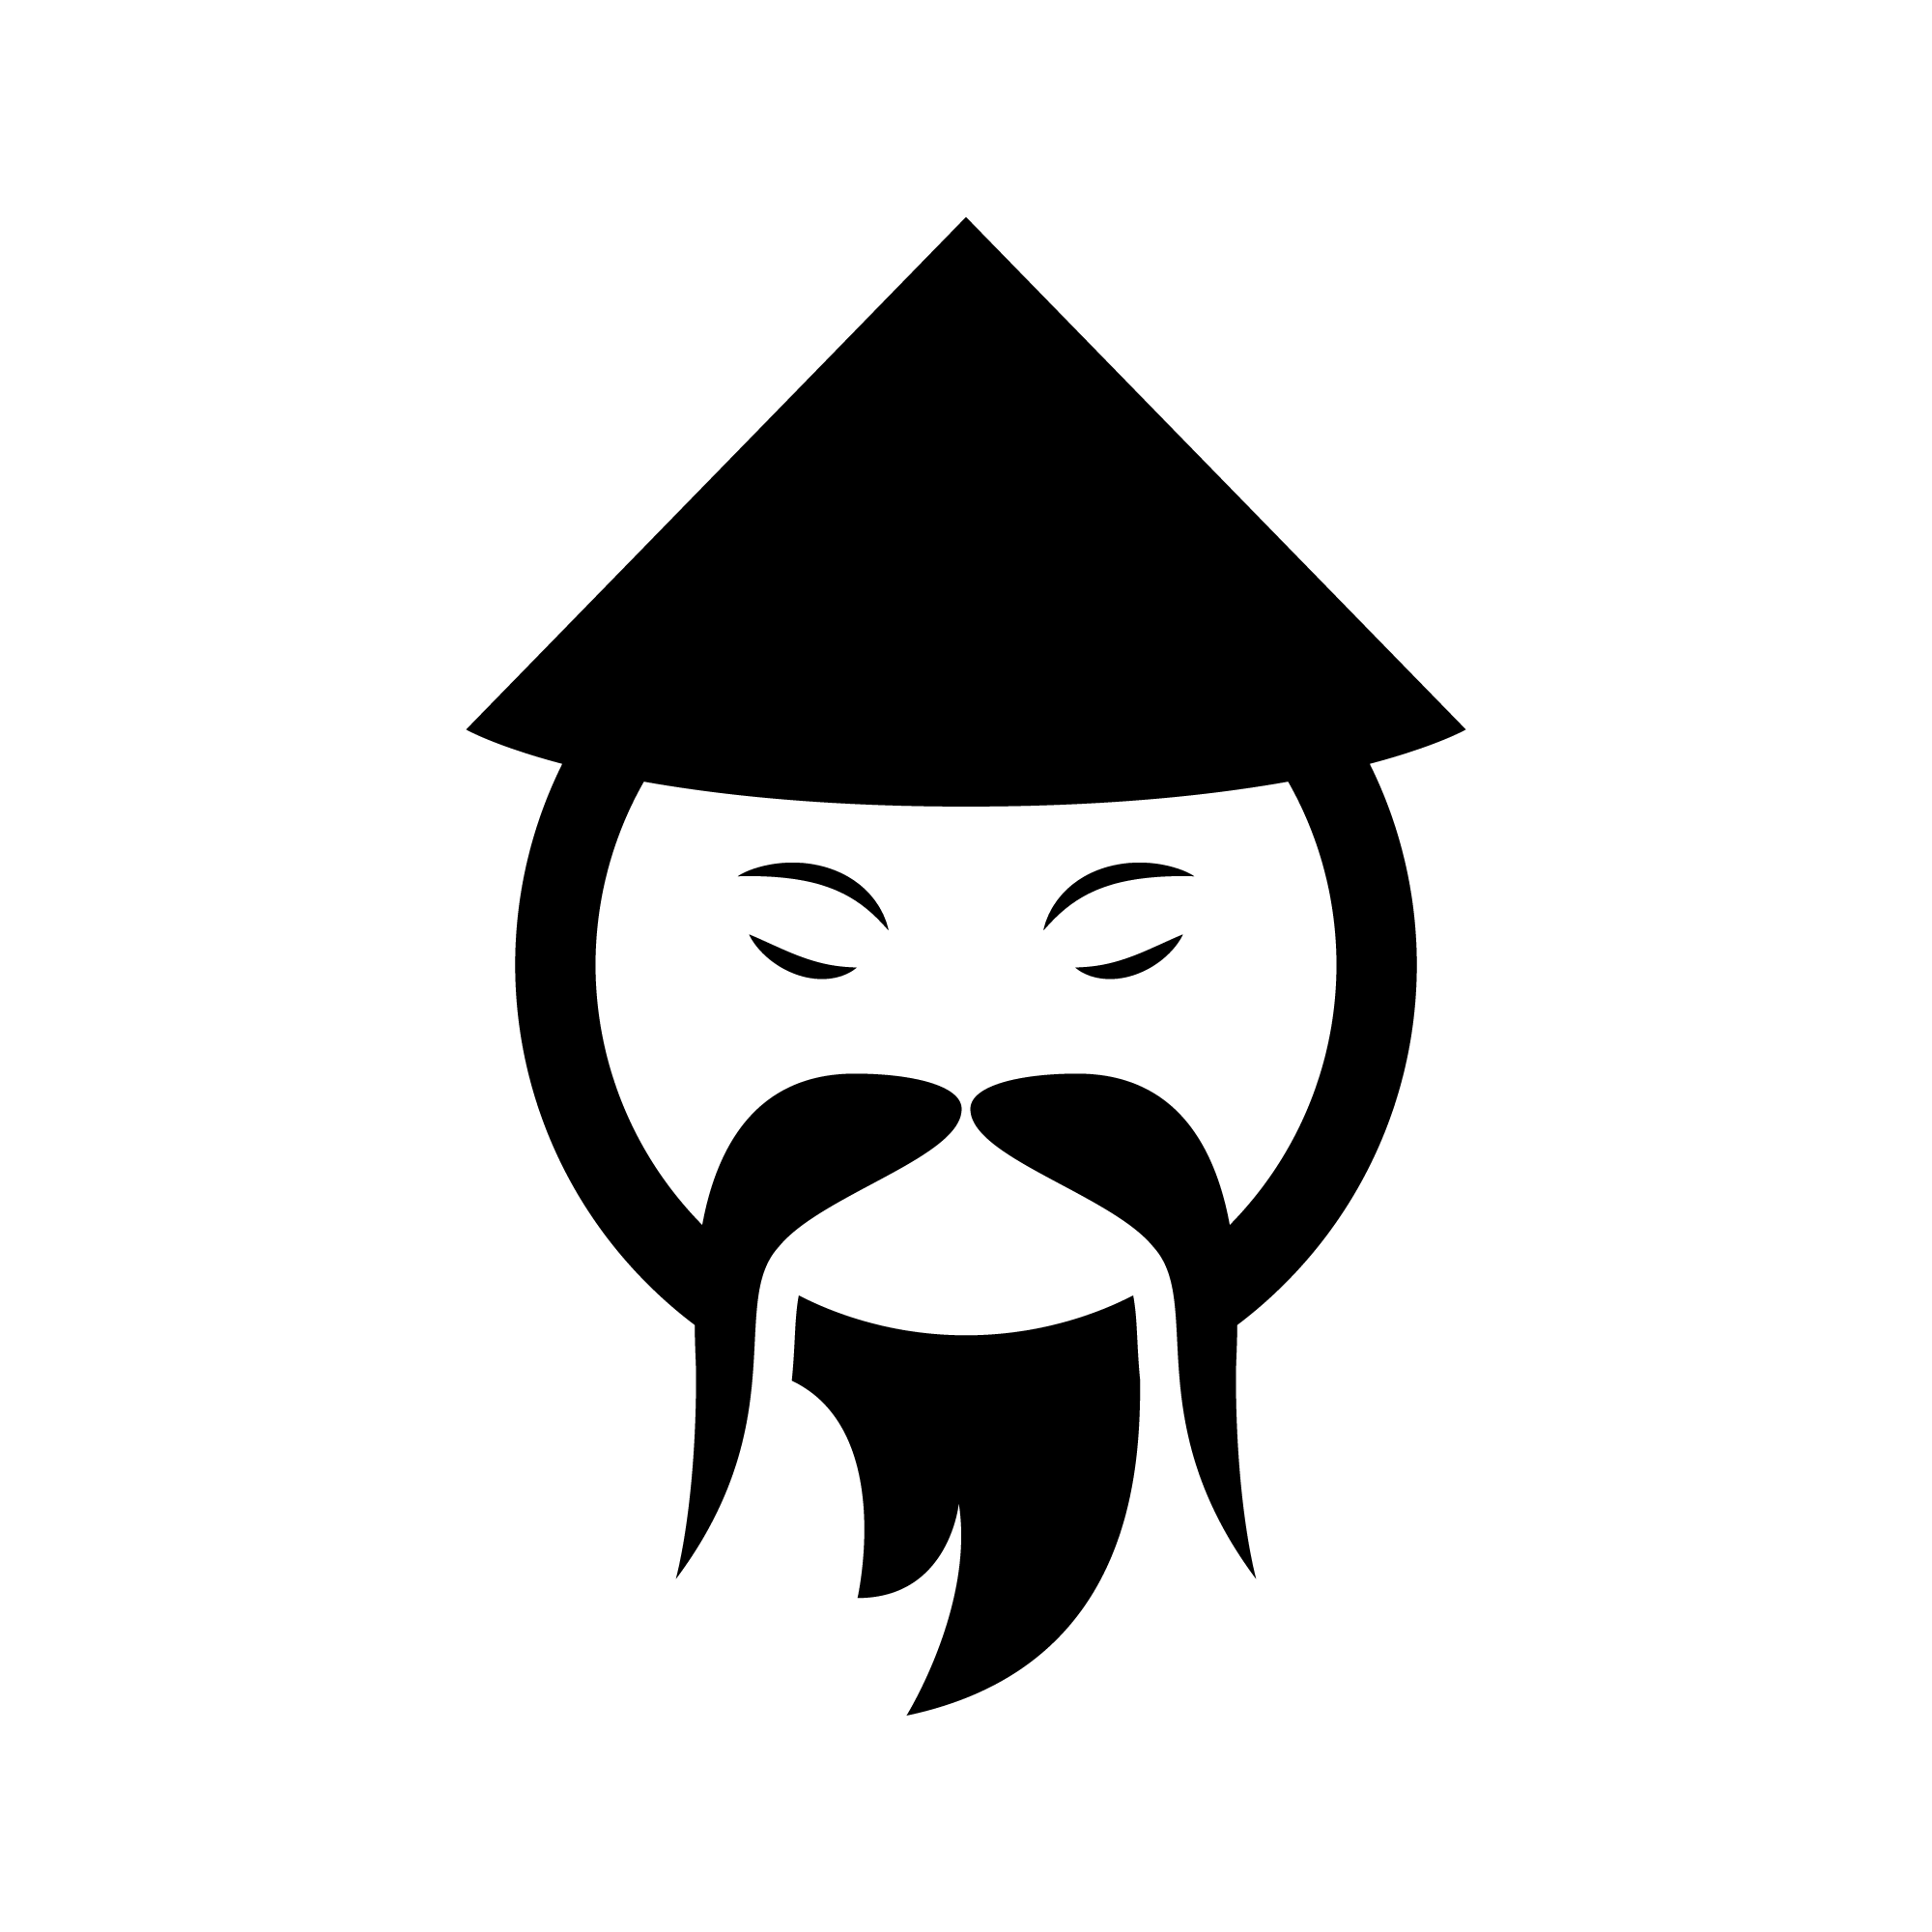 Logo for Sesh Sensei